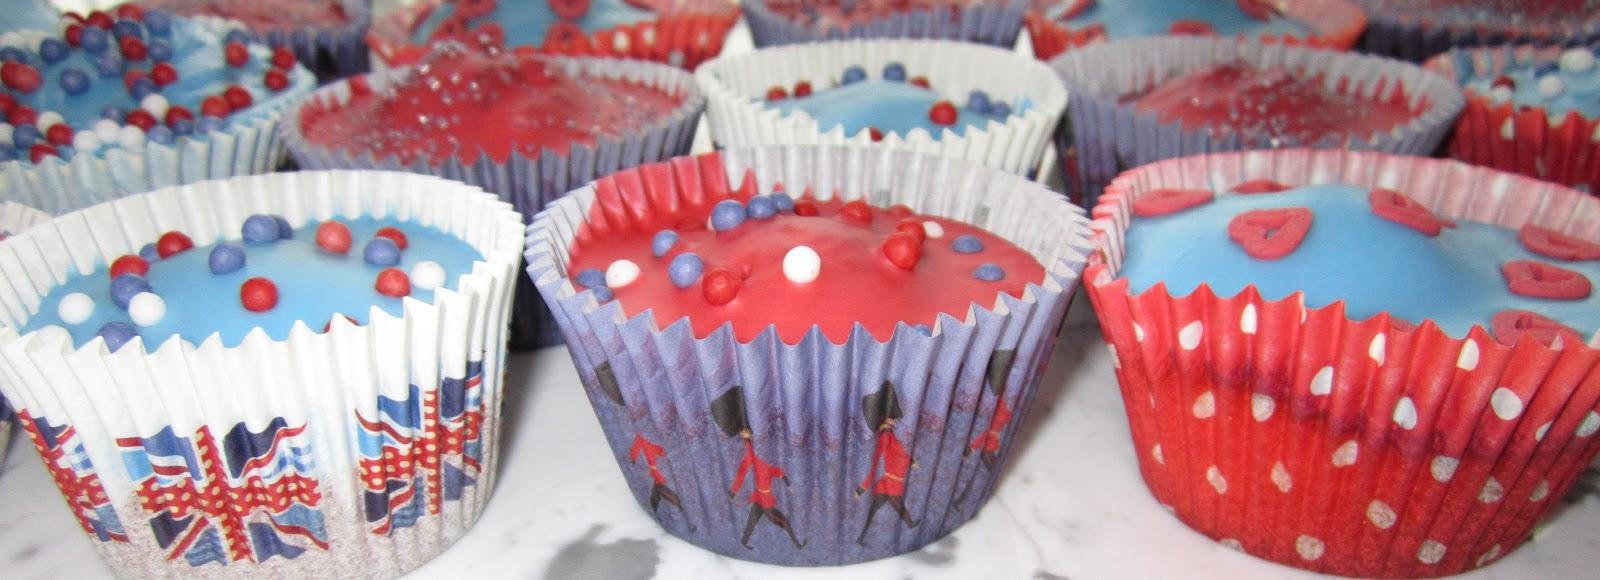 Sainsbury S Cake Decorations Sprinkles : Blueberry Days: Union Jack Cupcakes